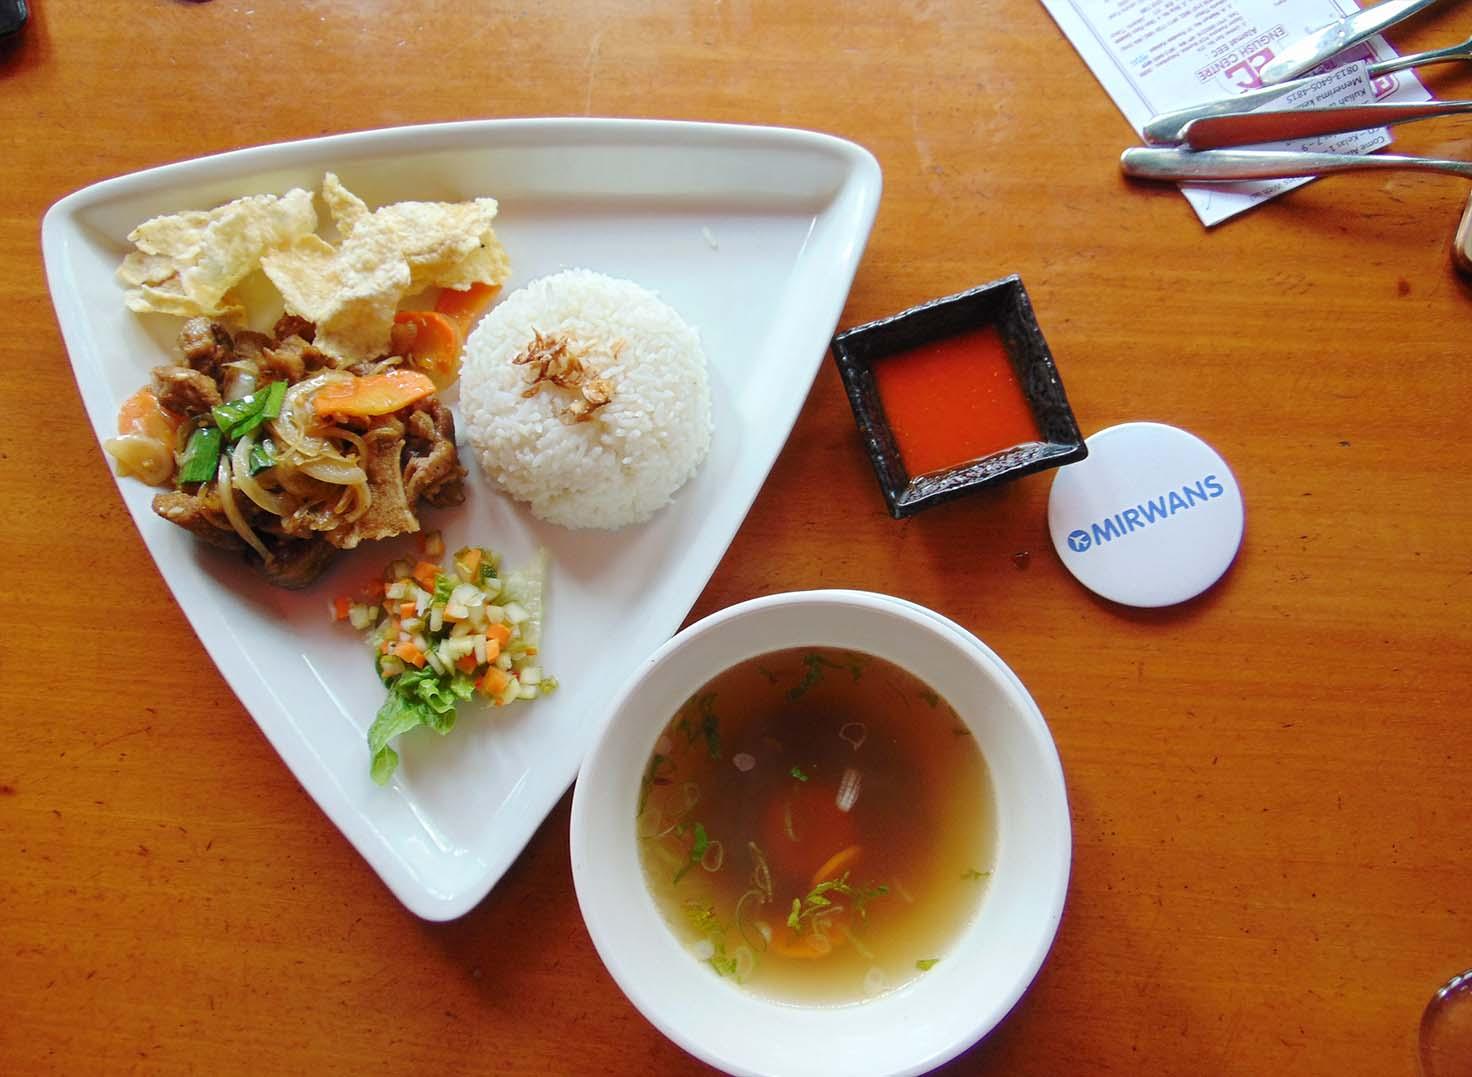 tempat makan keluarga di pekanbaru  kuliner malam di pekanbaru  tempat makan enak di panam pekanbaru  kuliner pekanbaru 2018  tempat dinner romantis di pekanbaru  cafe di pekanbaru  pondok gurih rumah makan pekanbaru city riau  kuliner khas pekanbaru